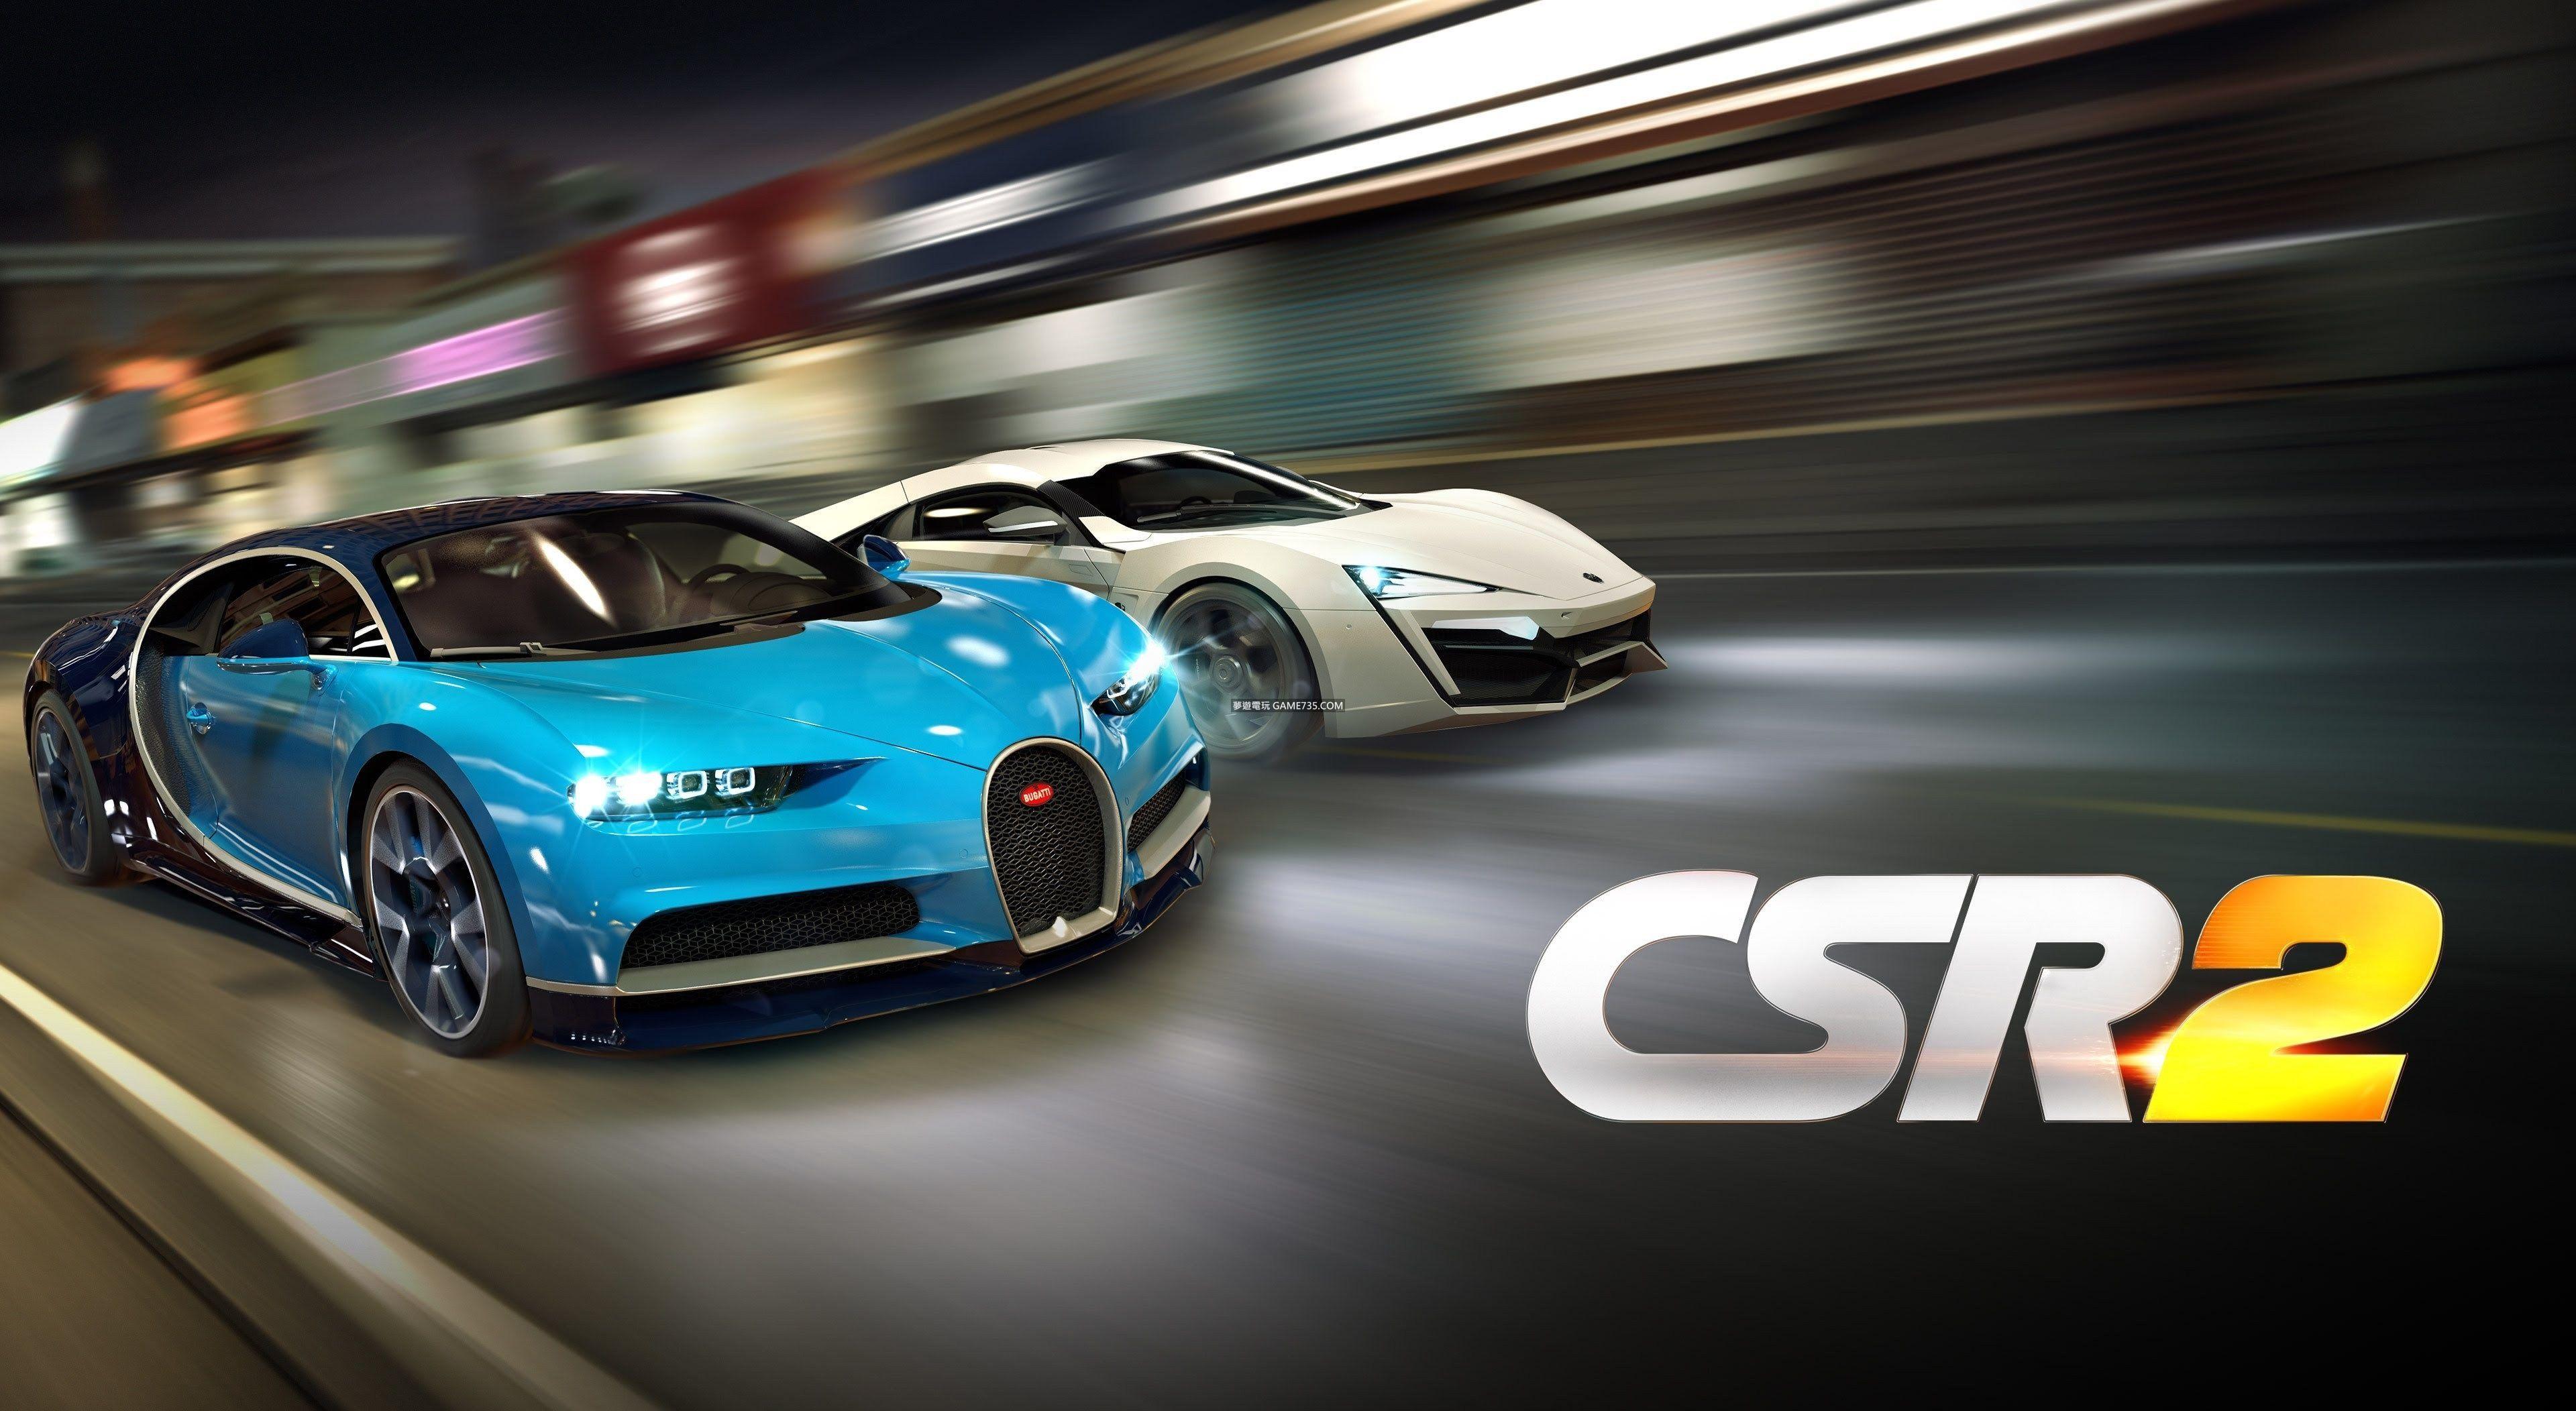 【修改版】CSR Racing 2 V3.0.2 賽車 繁中 無限購物 2021.4.16